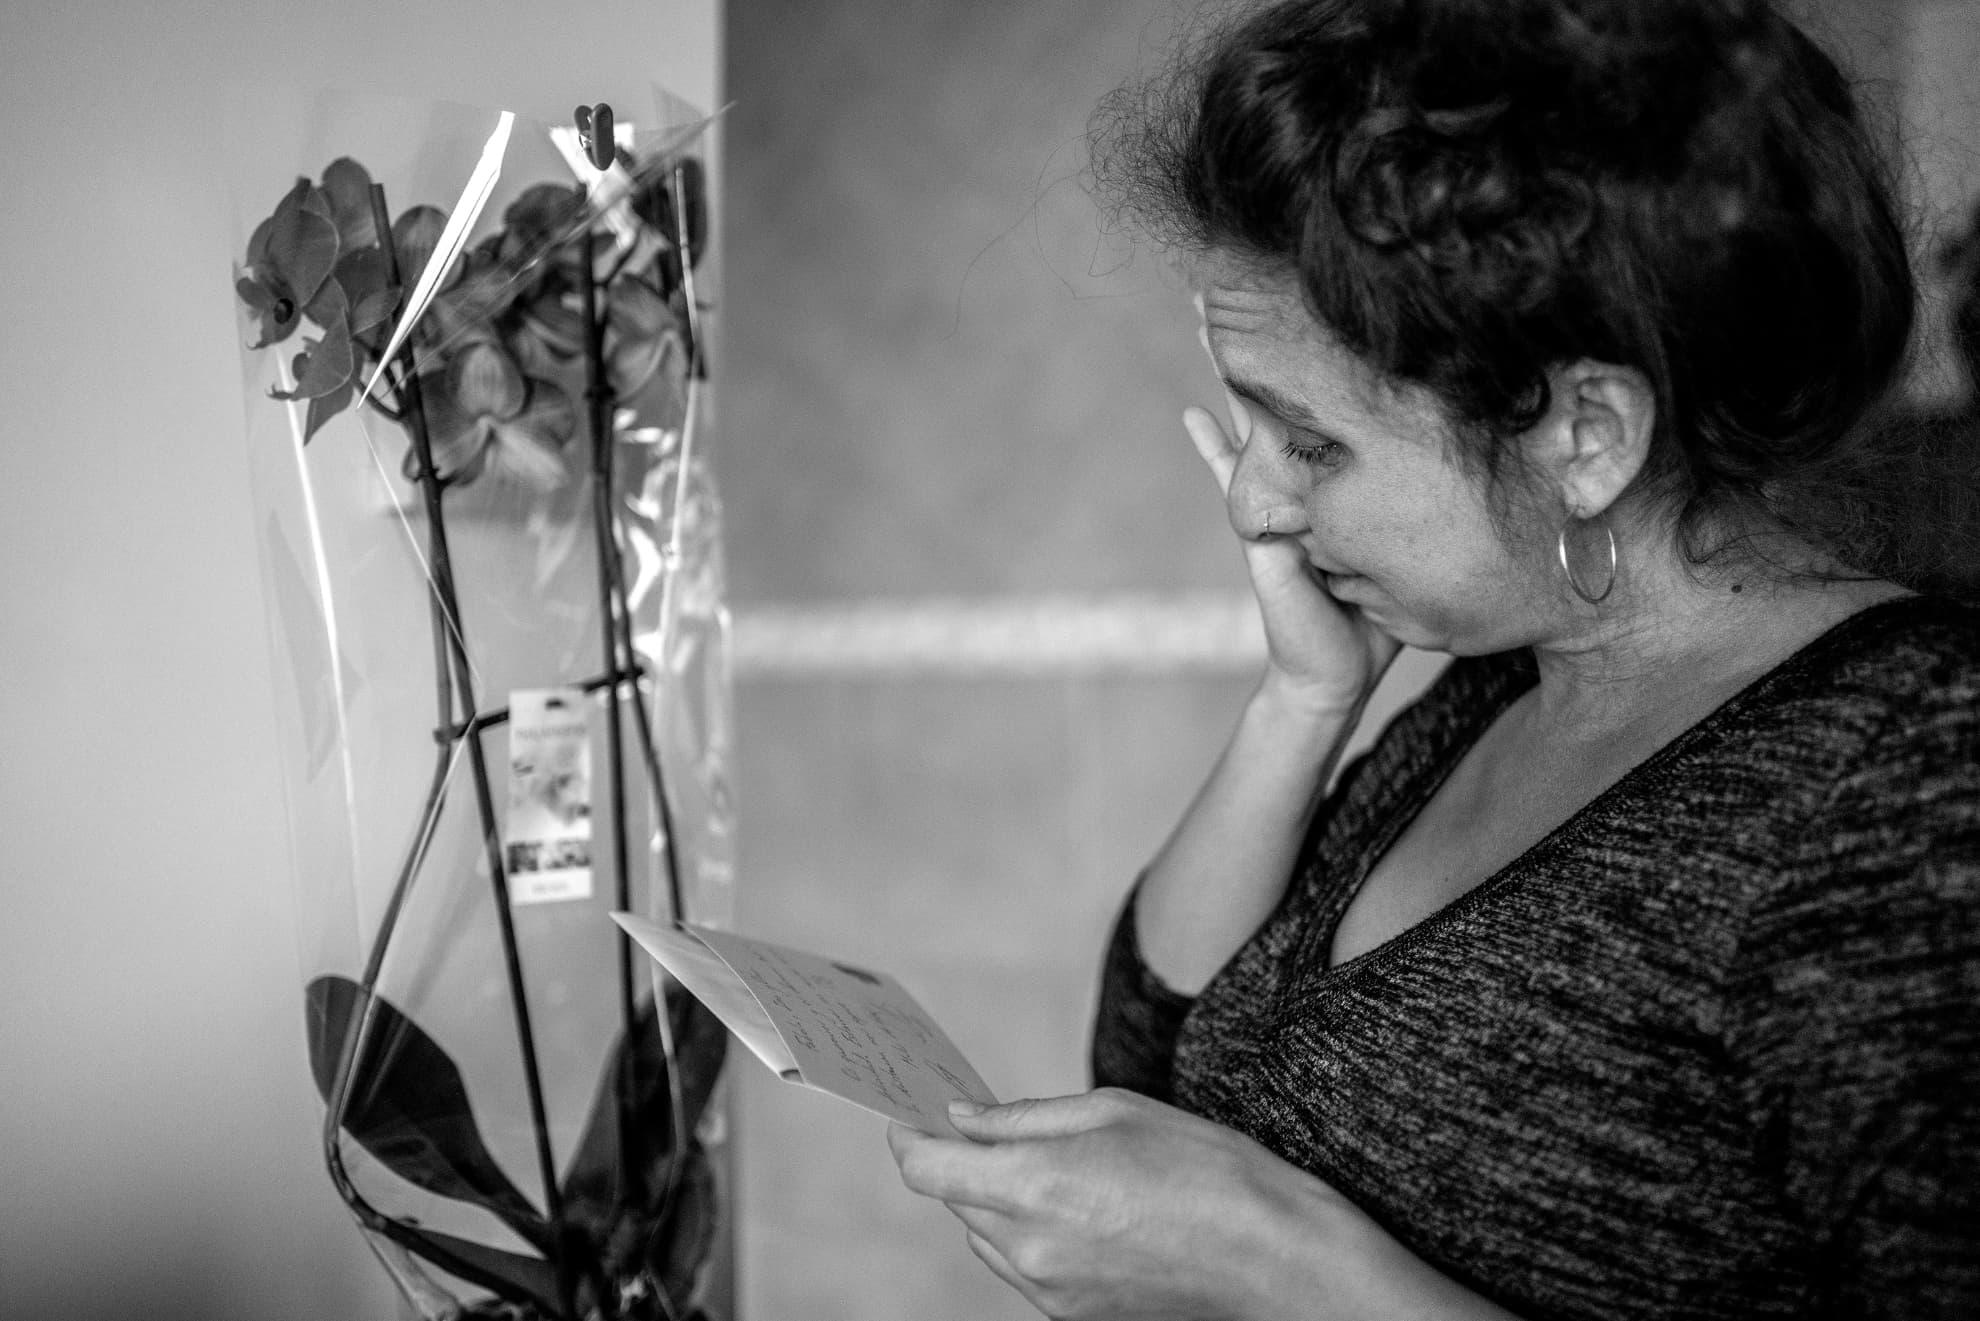 """""""Fabiola, Iria y Olmo: Os queremos y os deseamos toda la felicidad. Estamos con vosotros, aunque la distancia nos separe"""". Nos llegan abrazos transformados en orquídeas y cartas. No se funden en cuerpos, sino en lágrimas de amor. Los afectos no entienden de pandemias."""